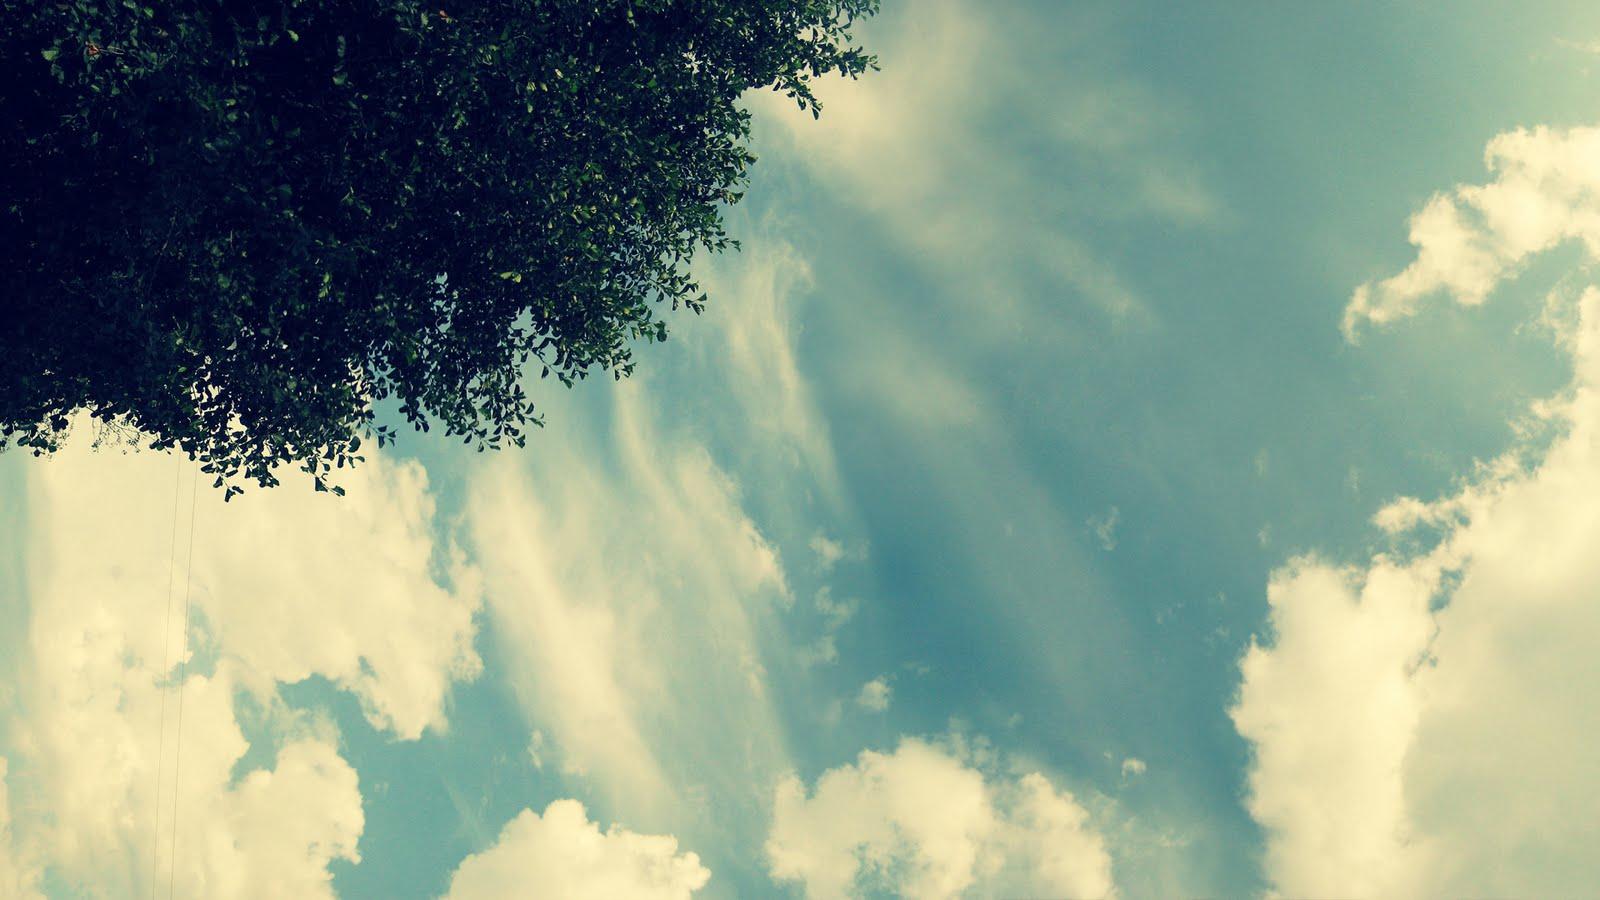 http://3.bp.blogspot.com/-i7UAghqtYDI/TiJhOcJ0EvI/AAAAAAAAArA/_JrRaRMwGbw/s1600/Amazing+Nature+Wallpapers+59.jpg